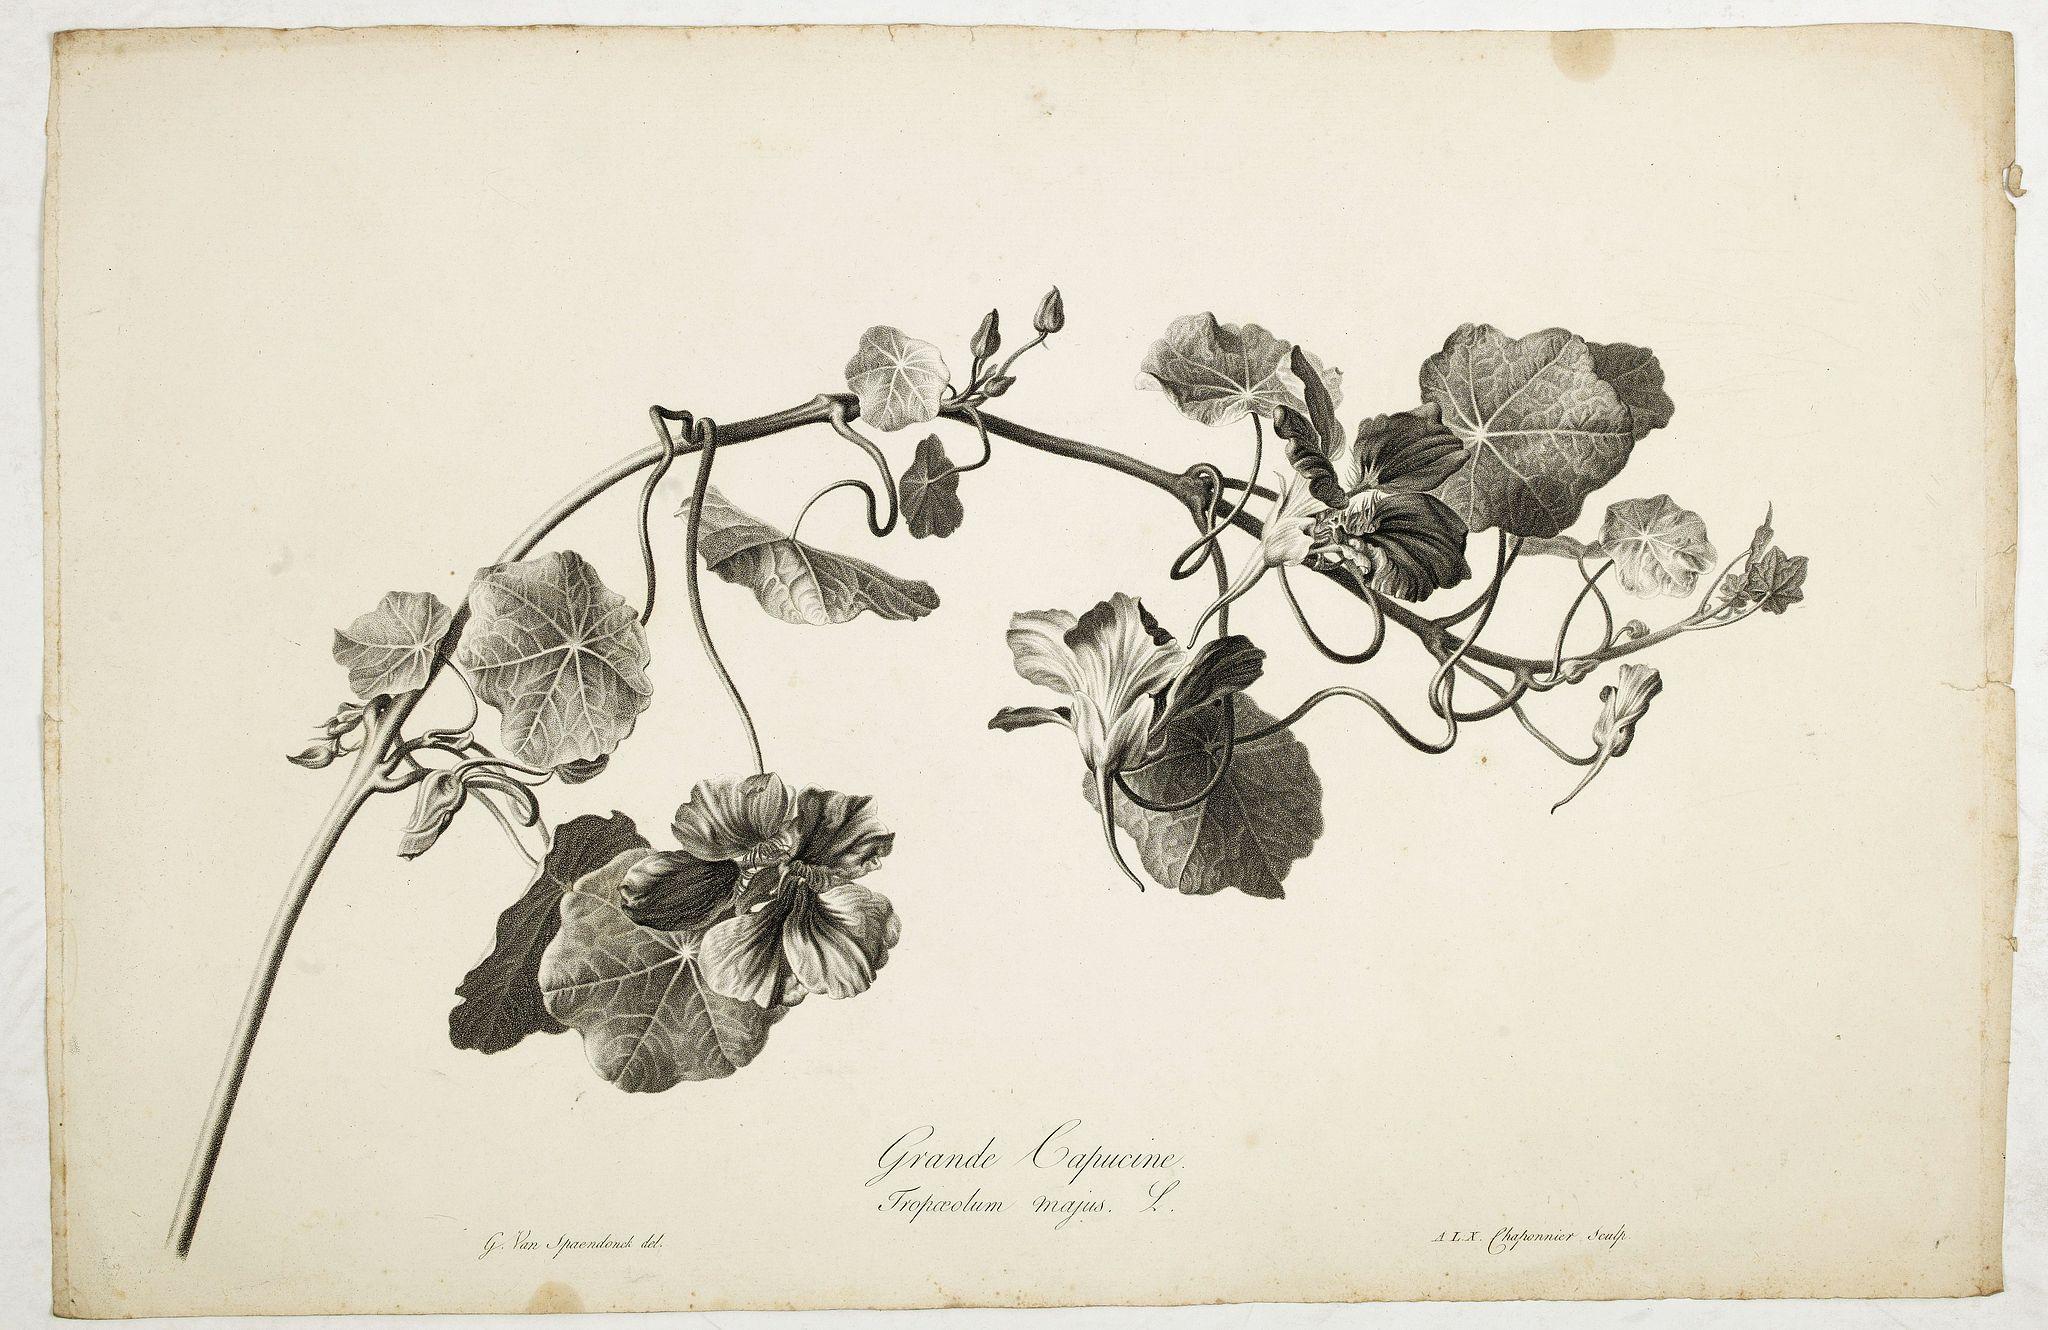 SPAENDONCK, Van. G. -  Grande Capucine. Tropaeolum majus. L.